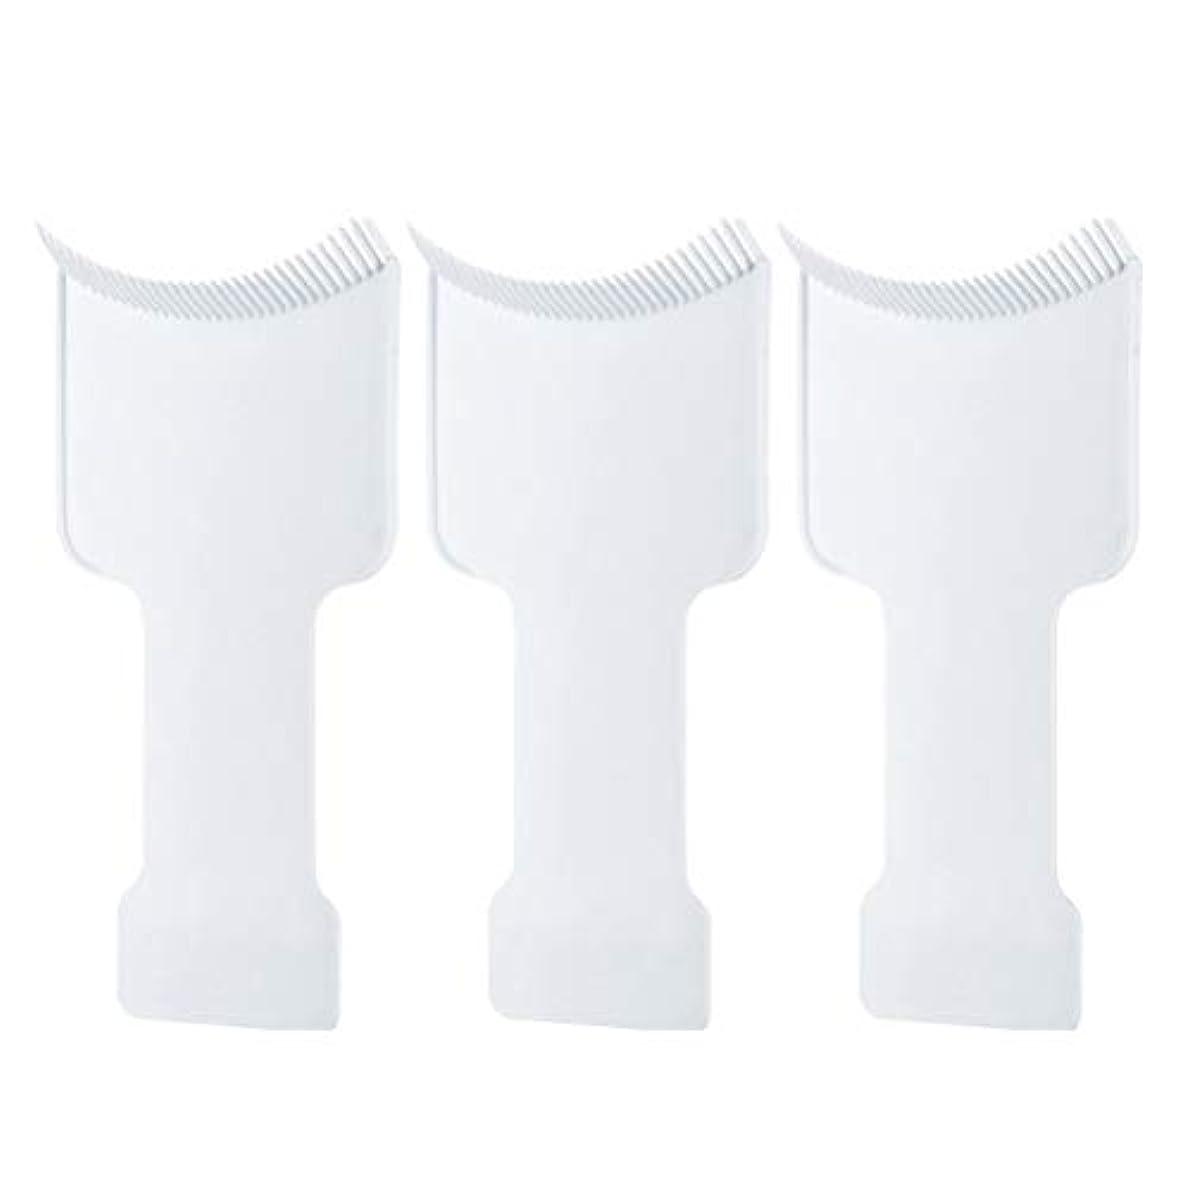 バーガー腐食する広大なFrcolor ヘアダイブラシ ヘアダイコーム ヘアカラー 毛染め ヘアスタイリング 家庭用 美容師プロ用 プラスチック製 3点セット(ホワイト)